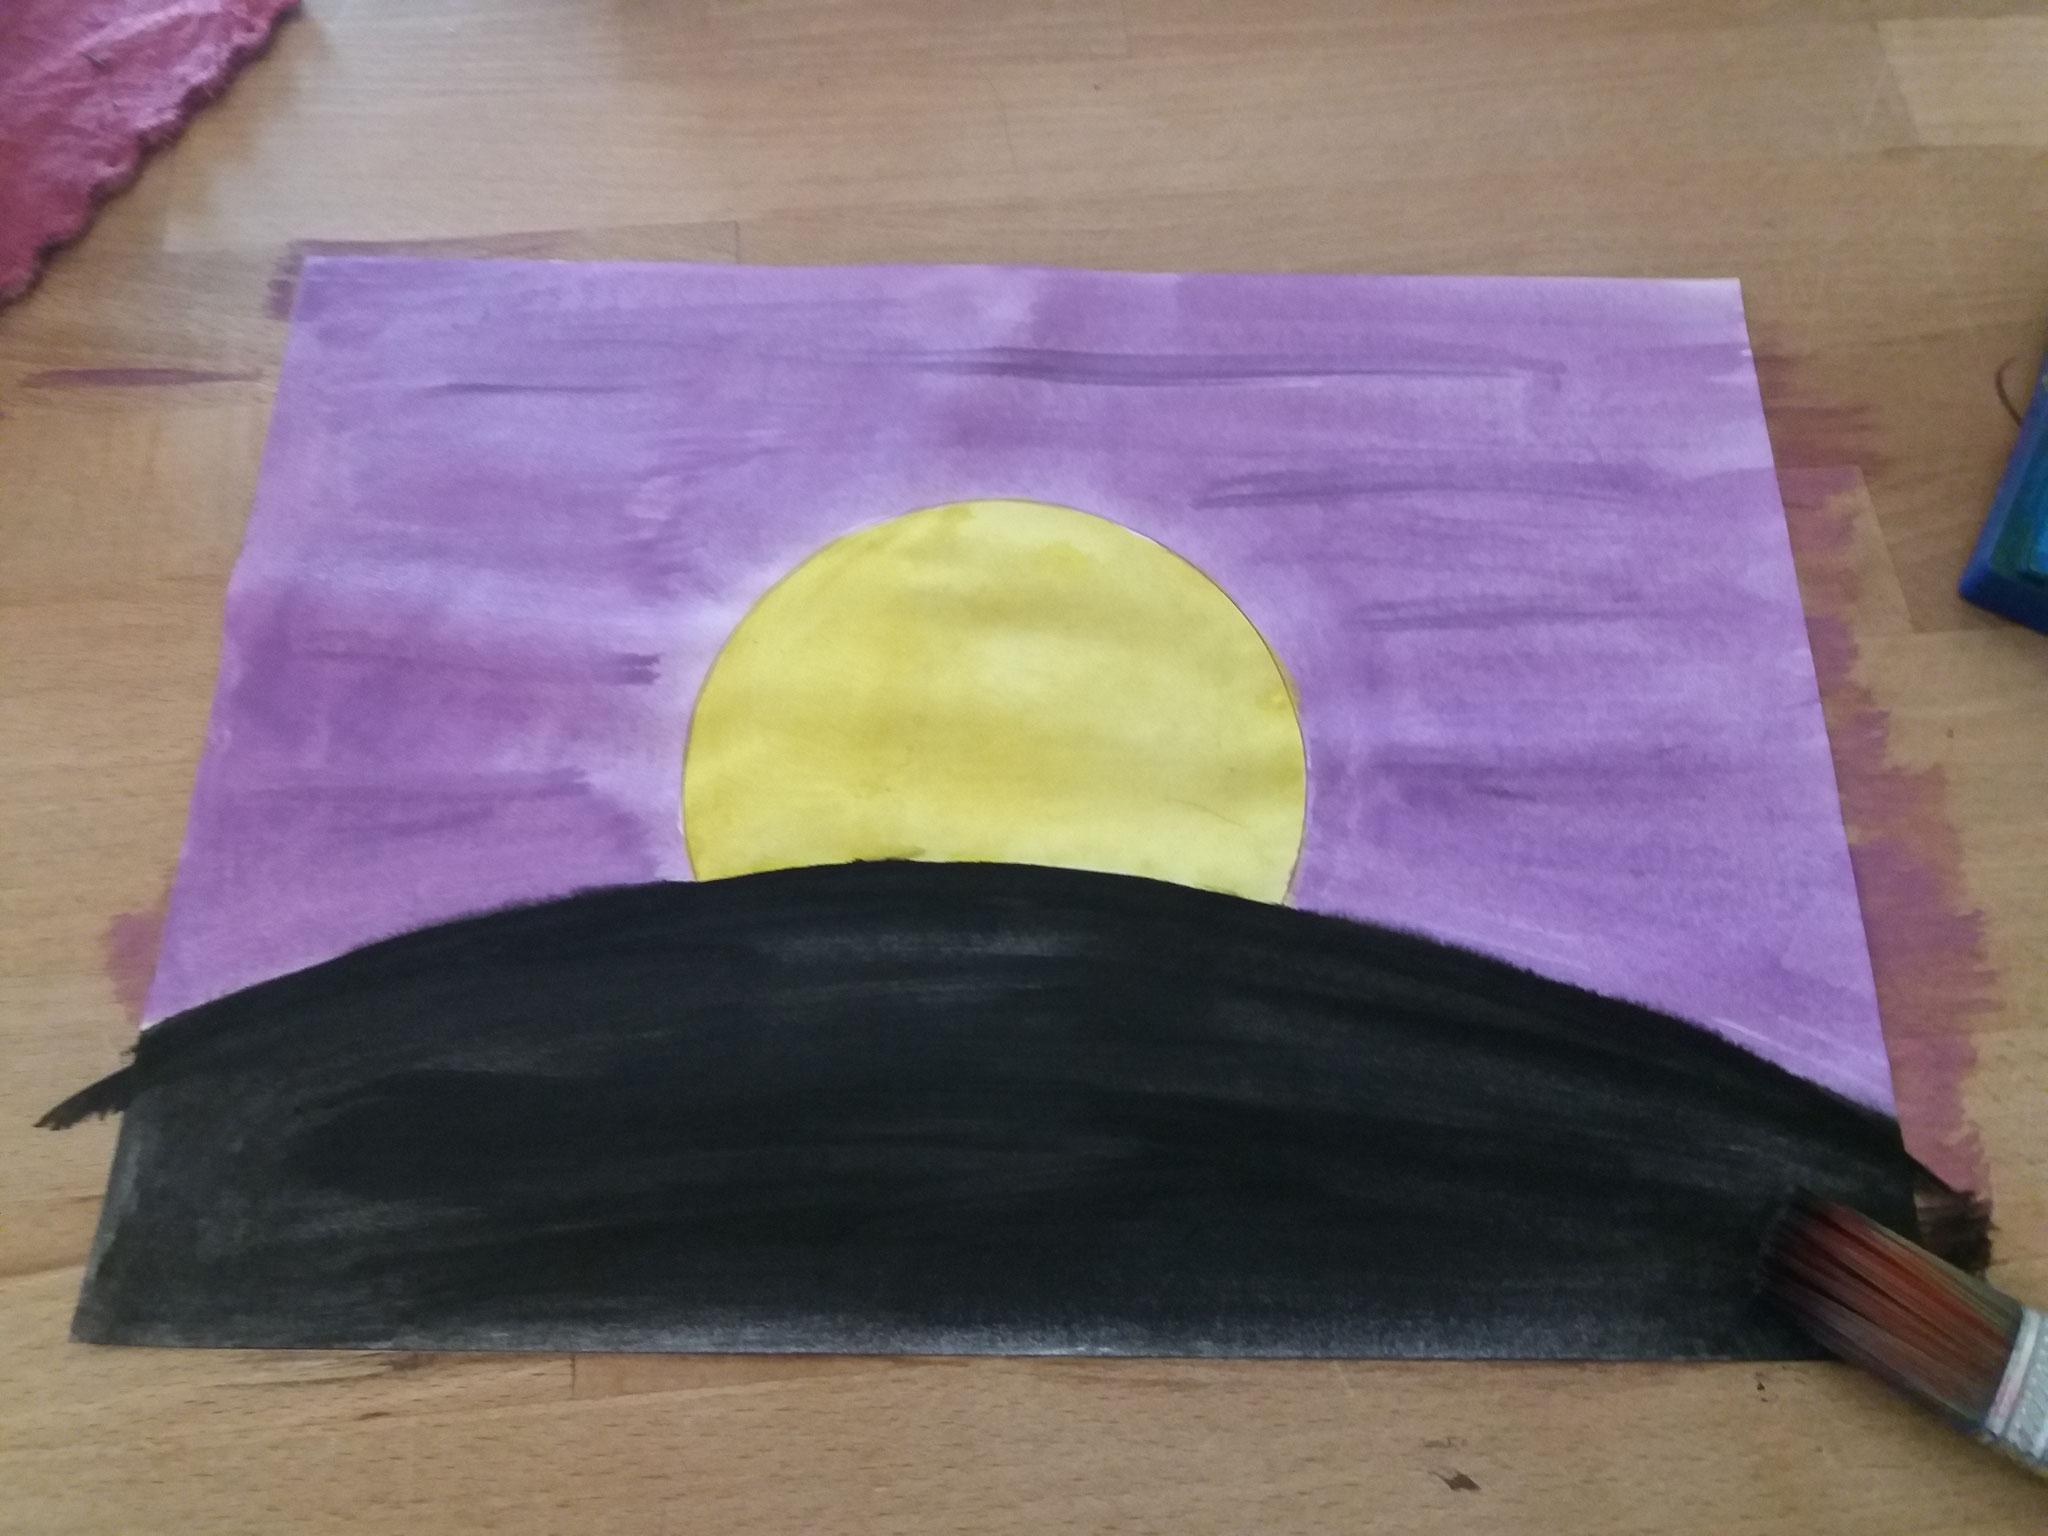 Mit Wasserfarben den Himmel lila, den Mond gelb und den Boden schwarz ausmalen